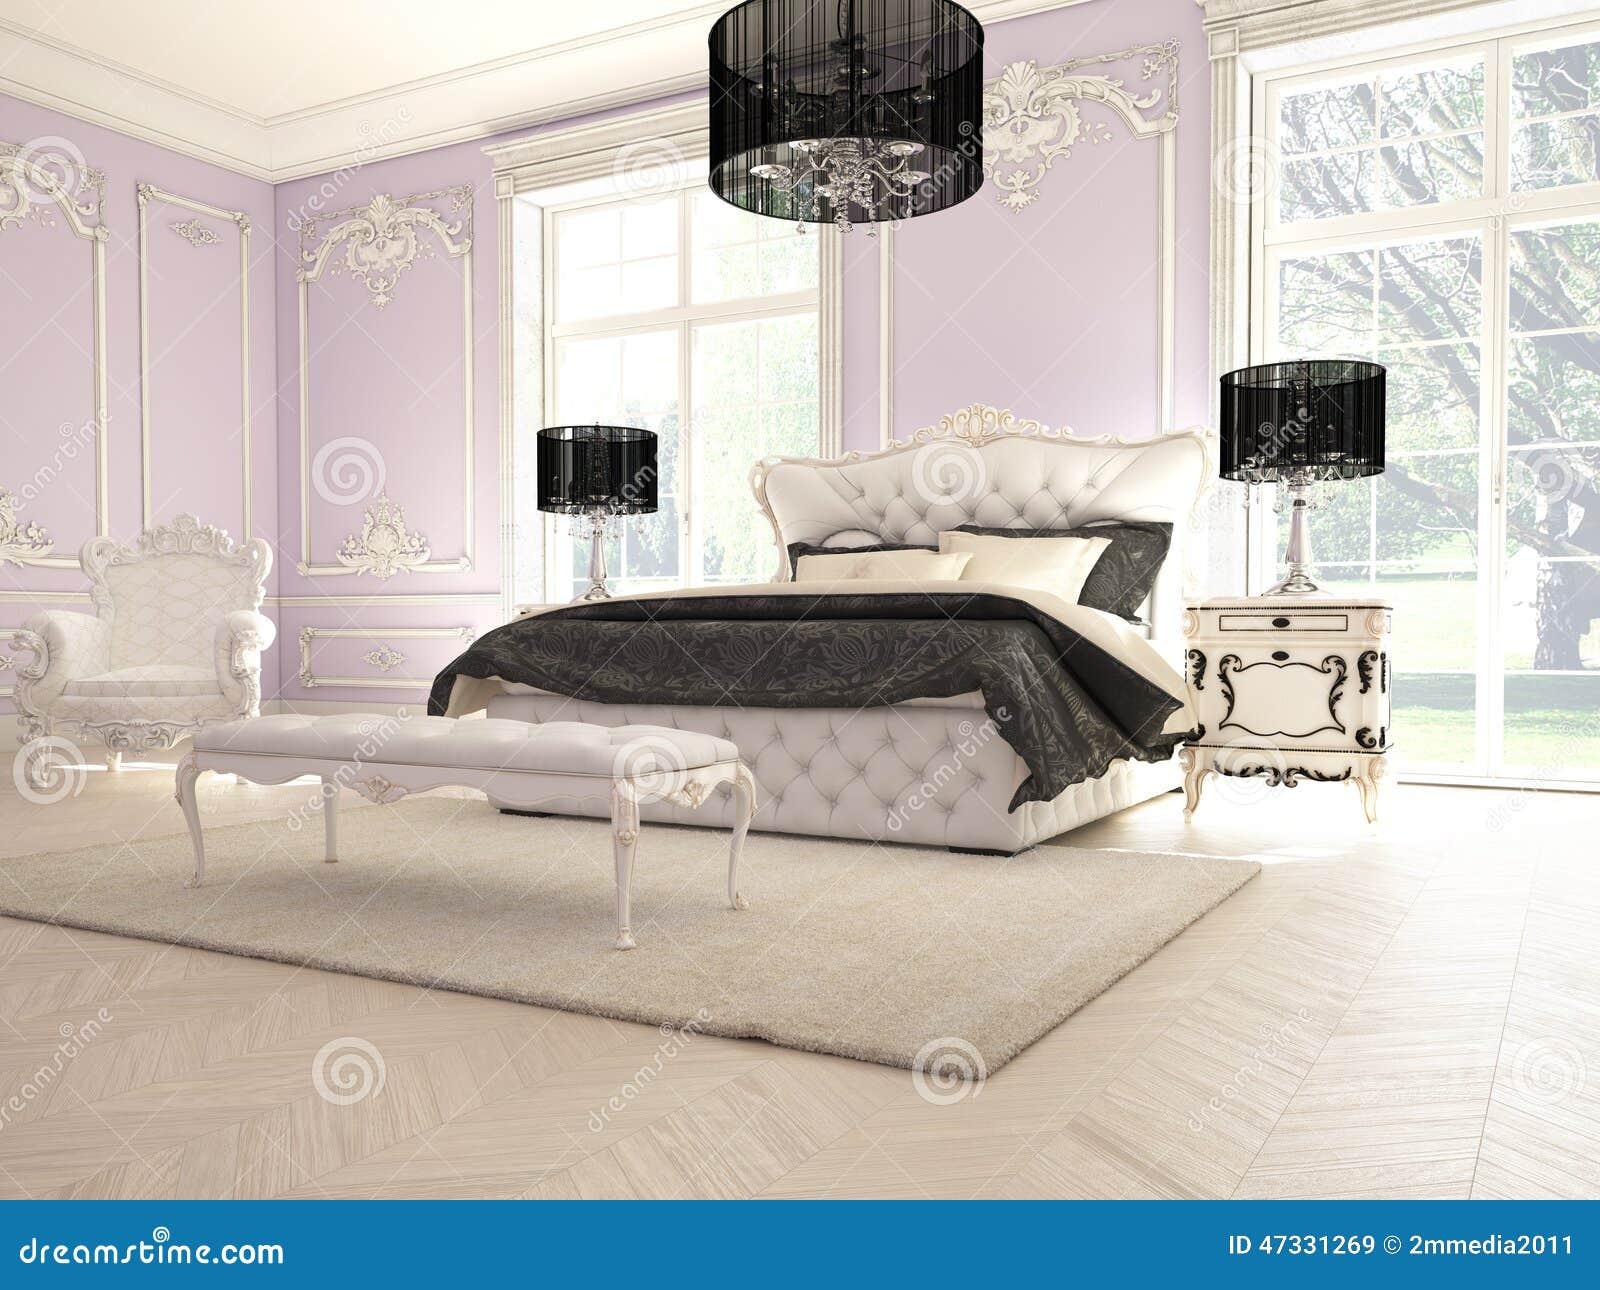 kallax come tabelle all\'interno di una camera da letto ...